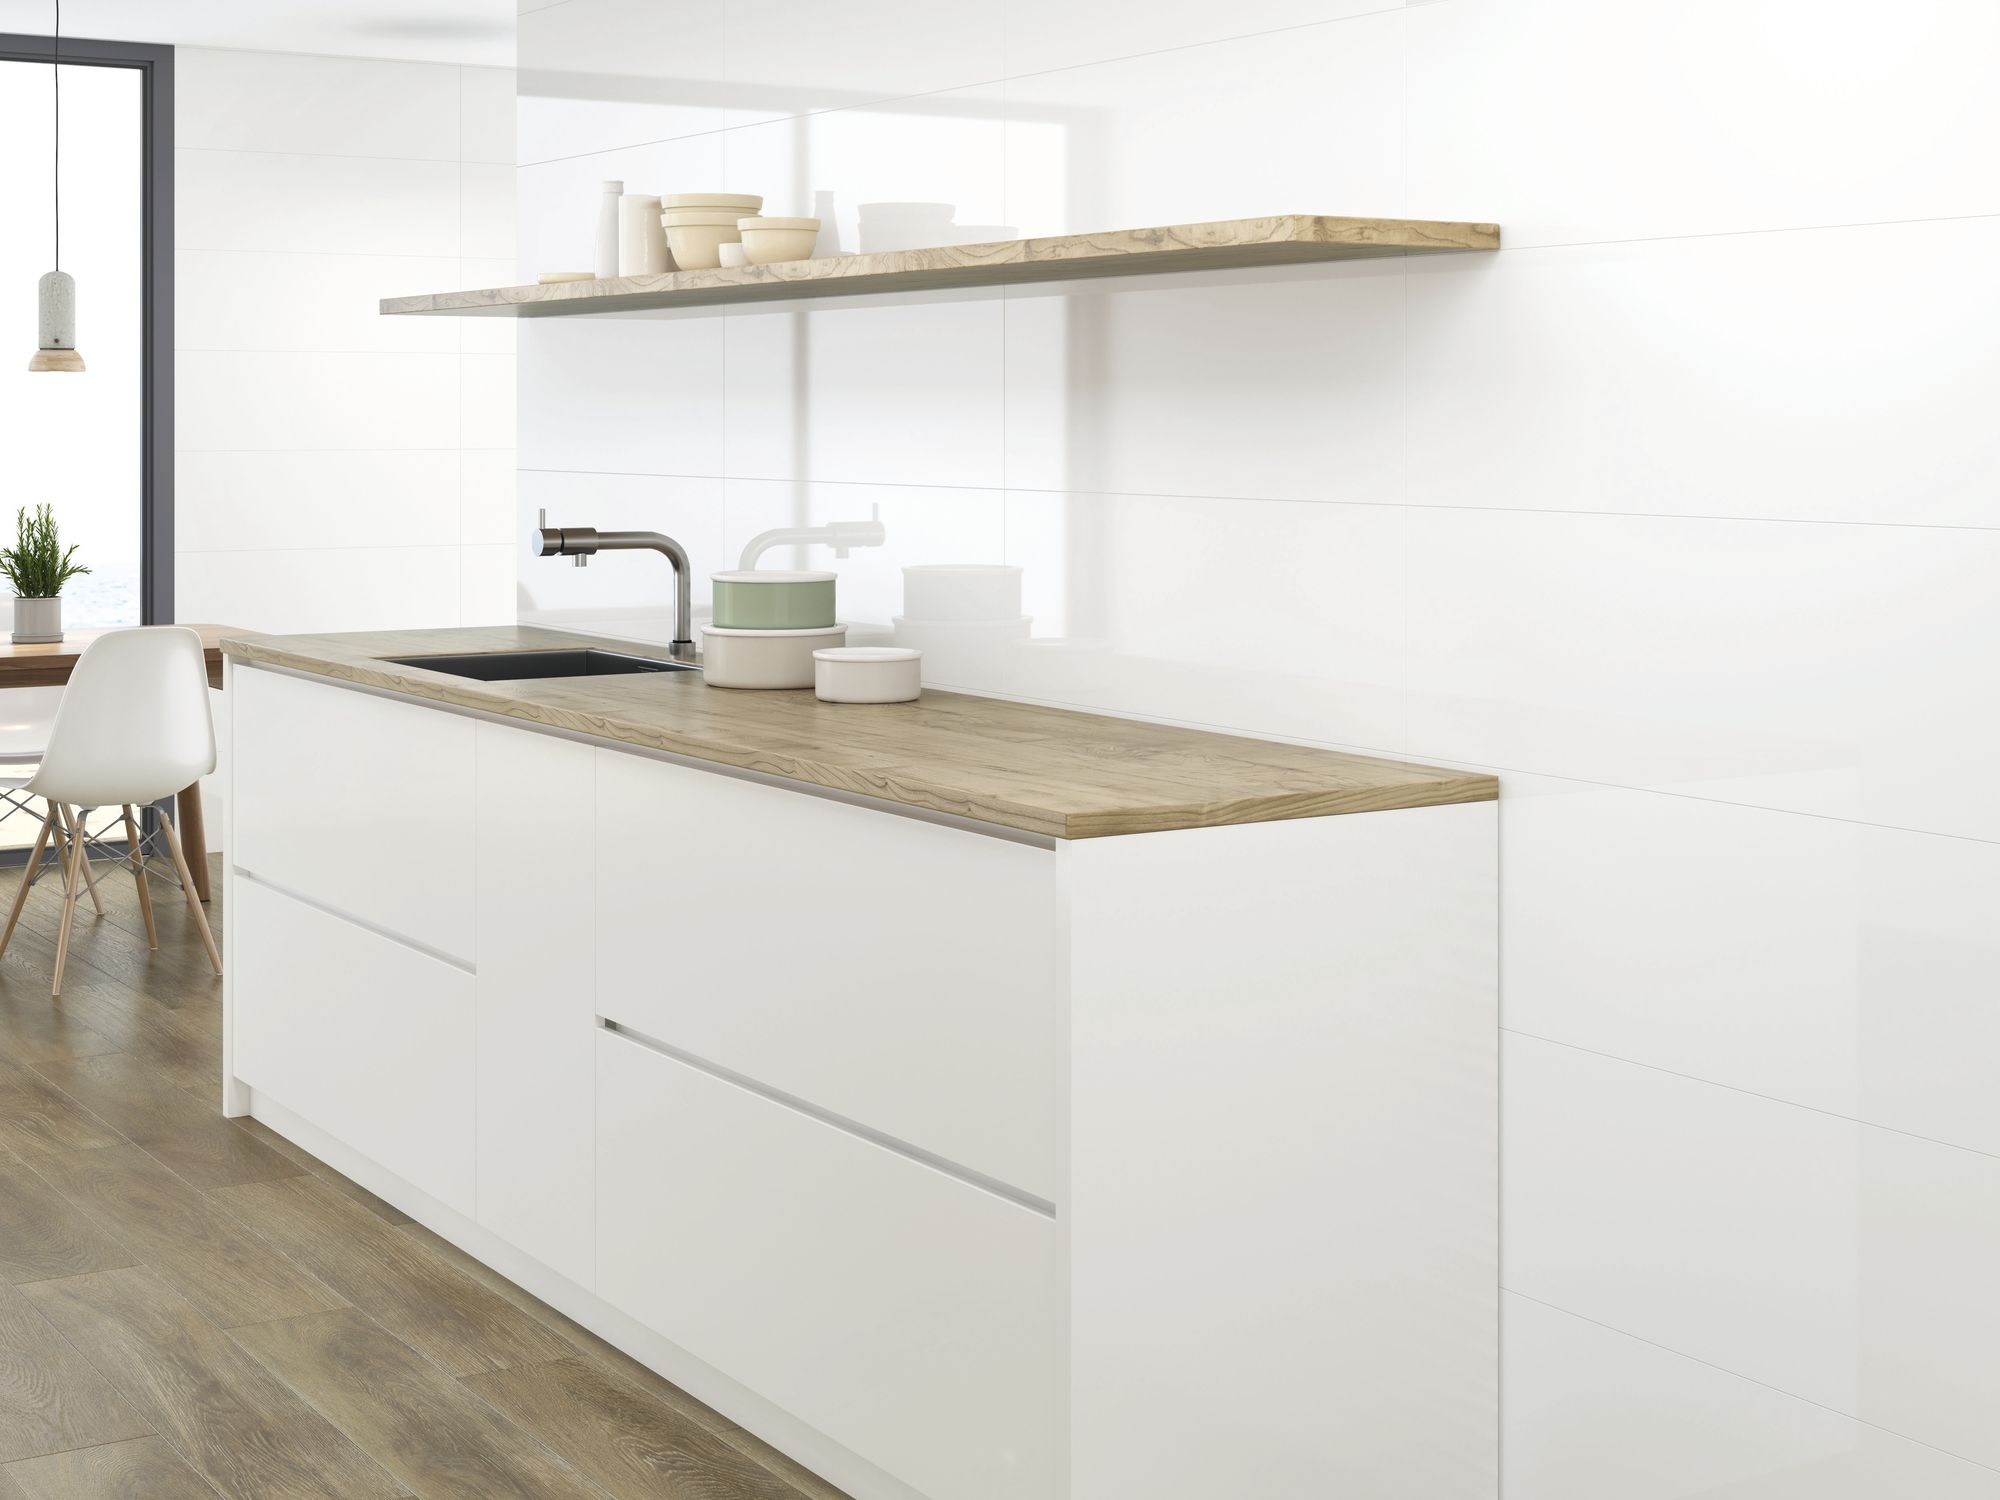 Blanco Brillo 30x90 cm.  Pavimento Eleganza Roble 20 x 114 cm.